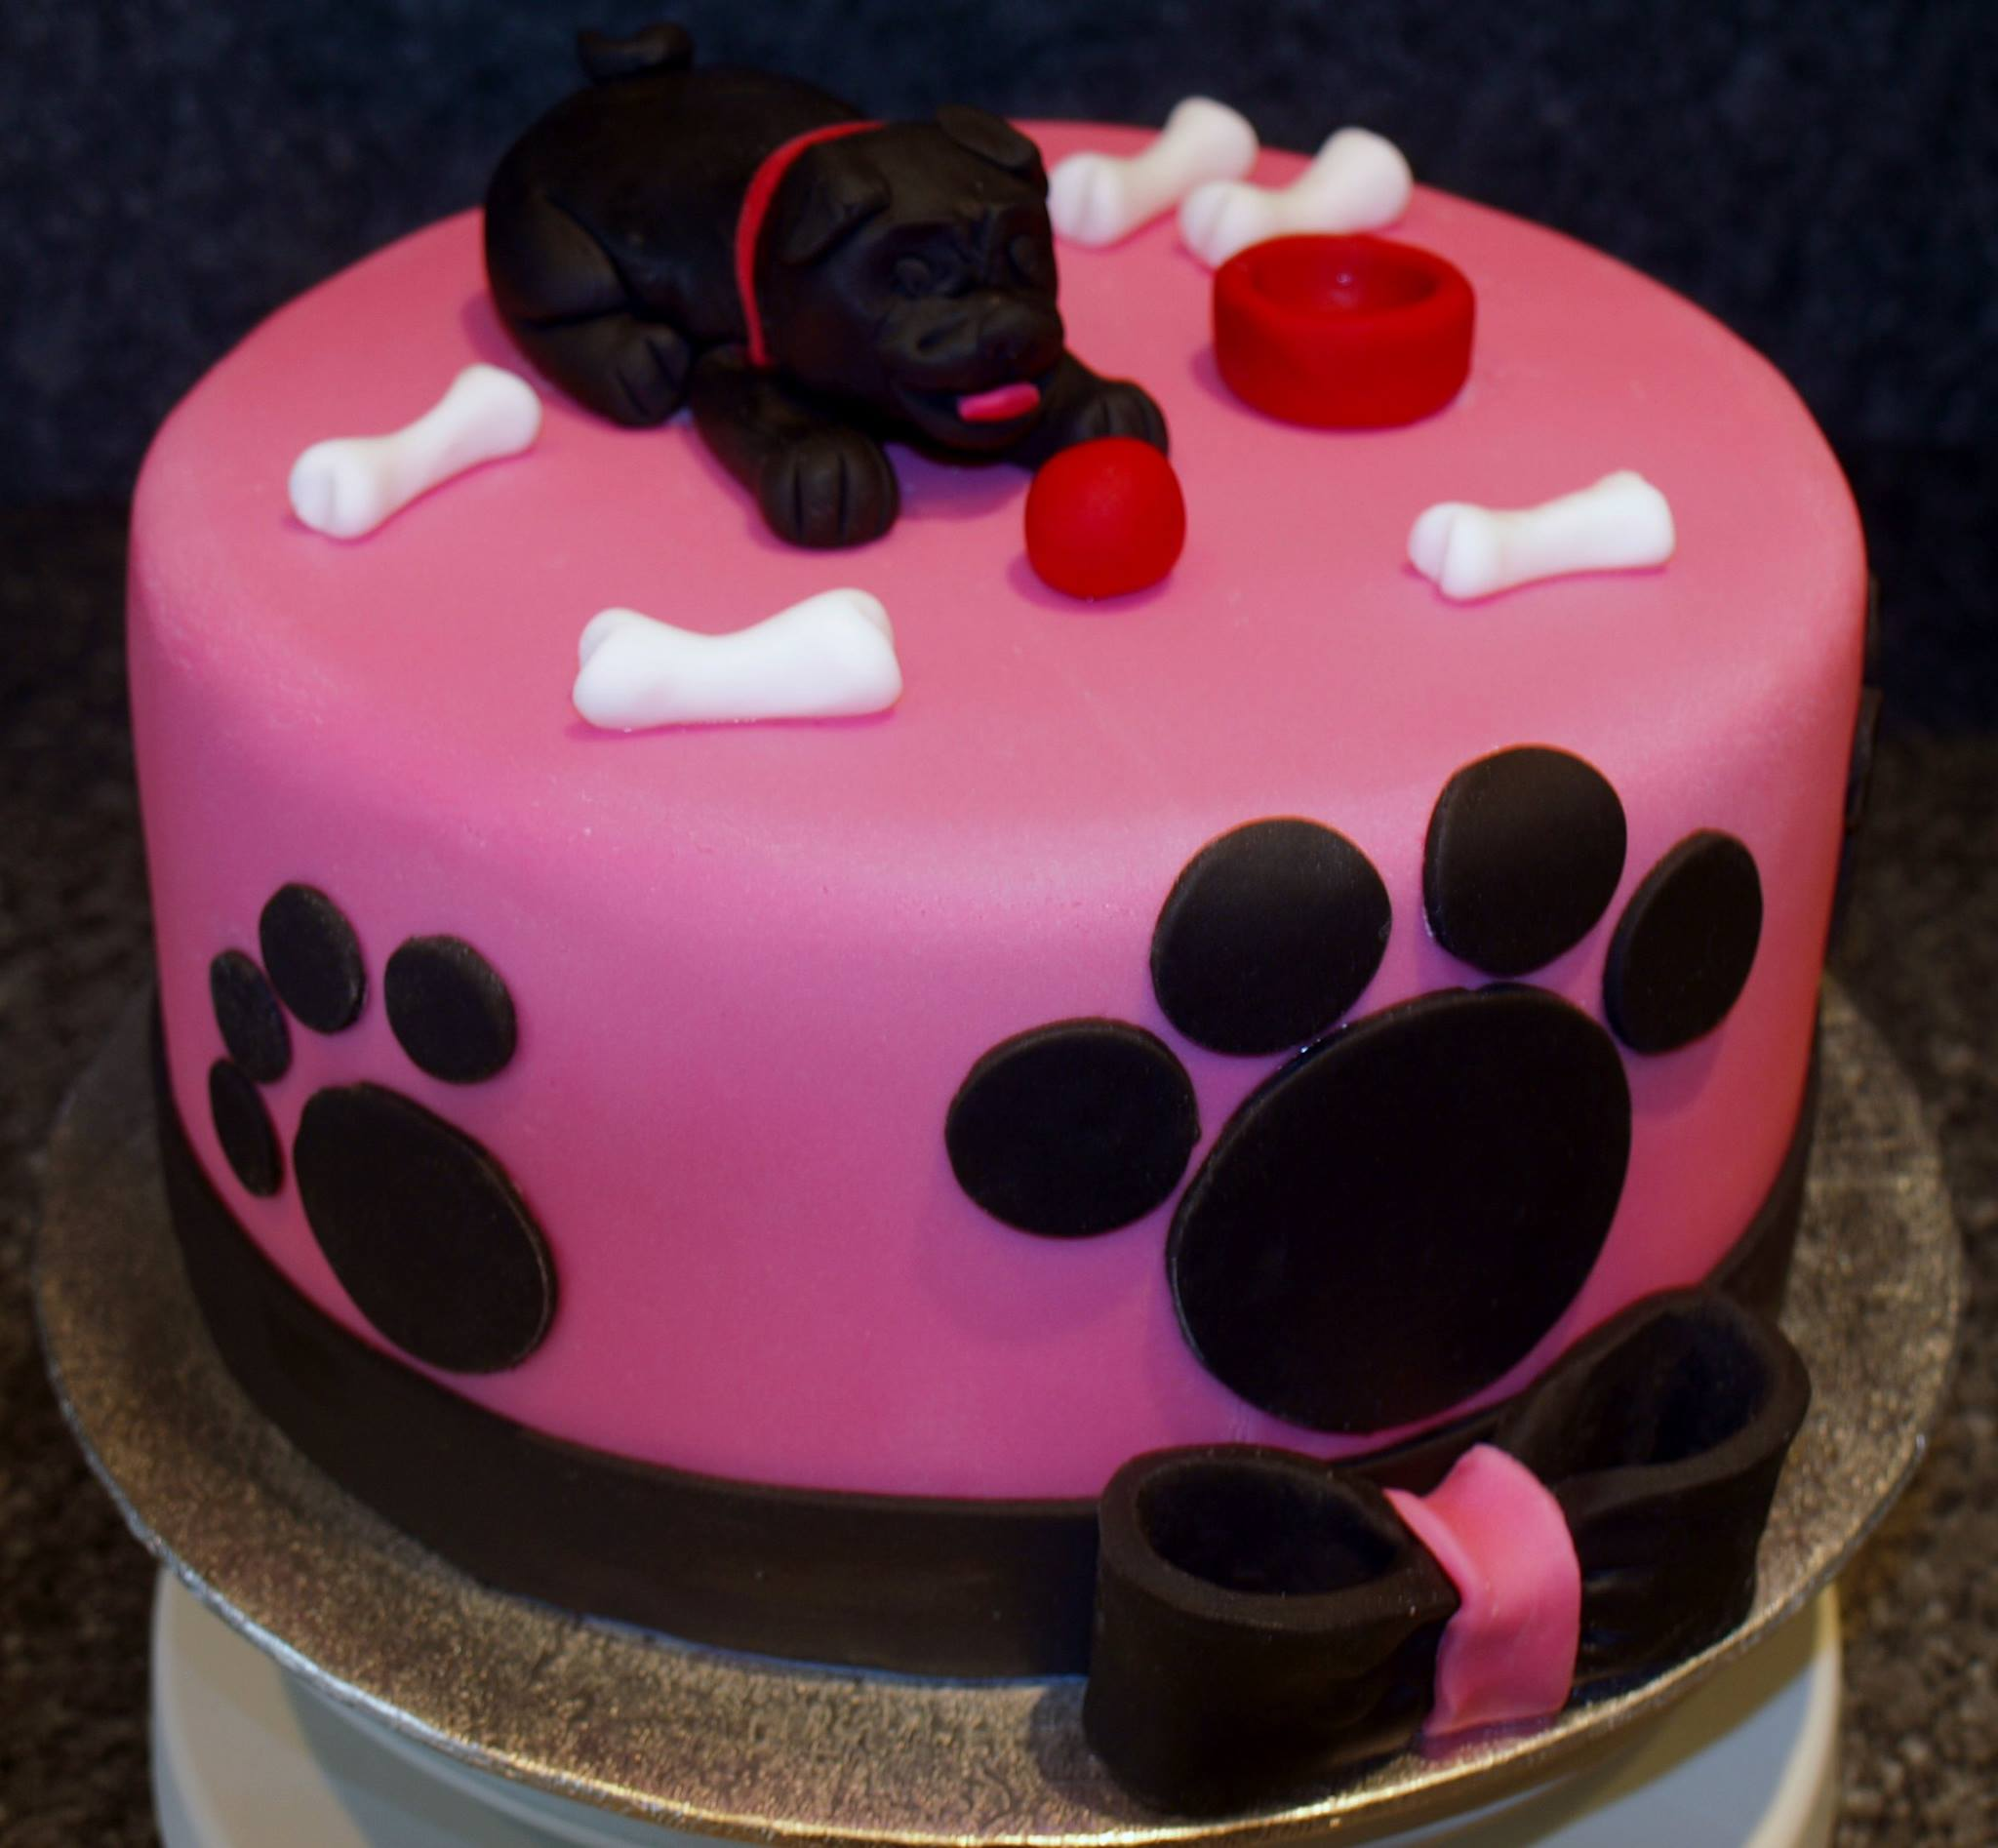 Pug, dog cake